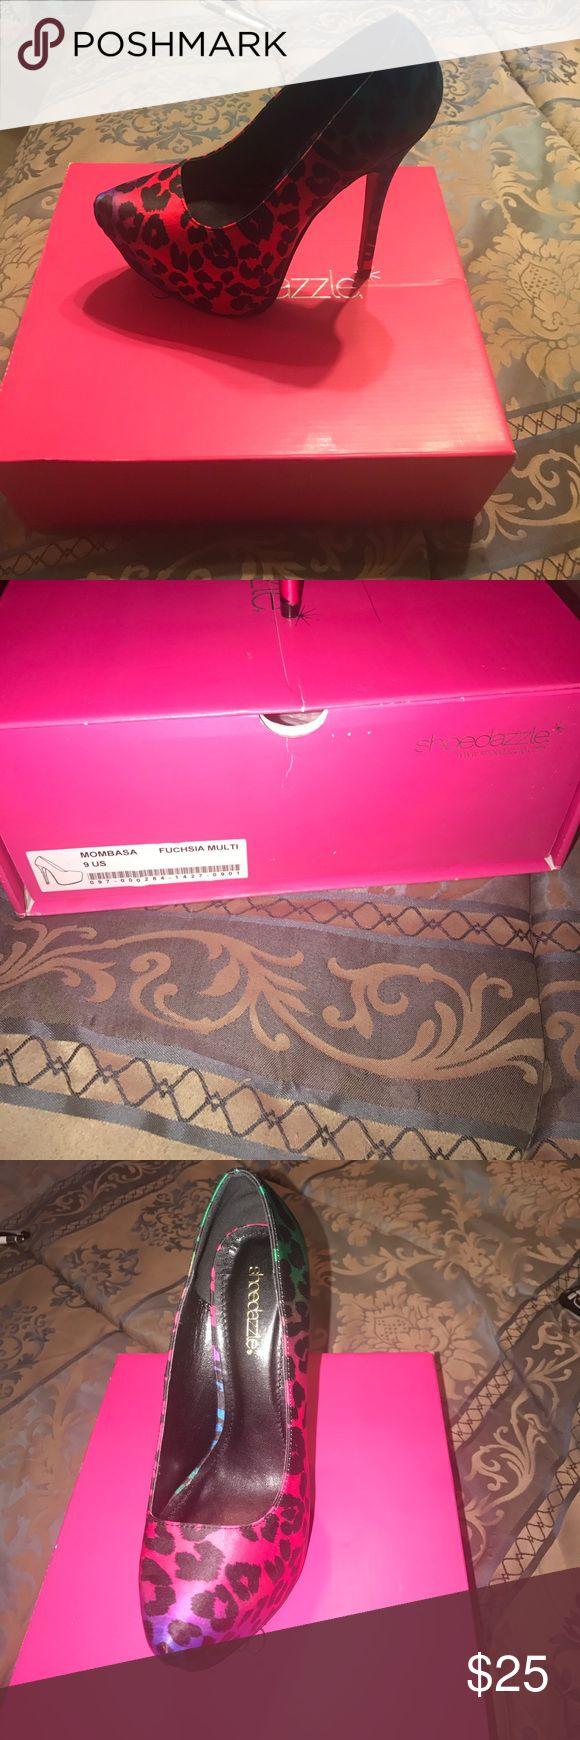 Shoe Dazzle Mombasa High Heel New purchase from Shoe dazzle ShoeDazzle Shoes Heels